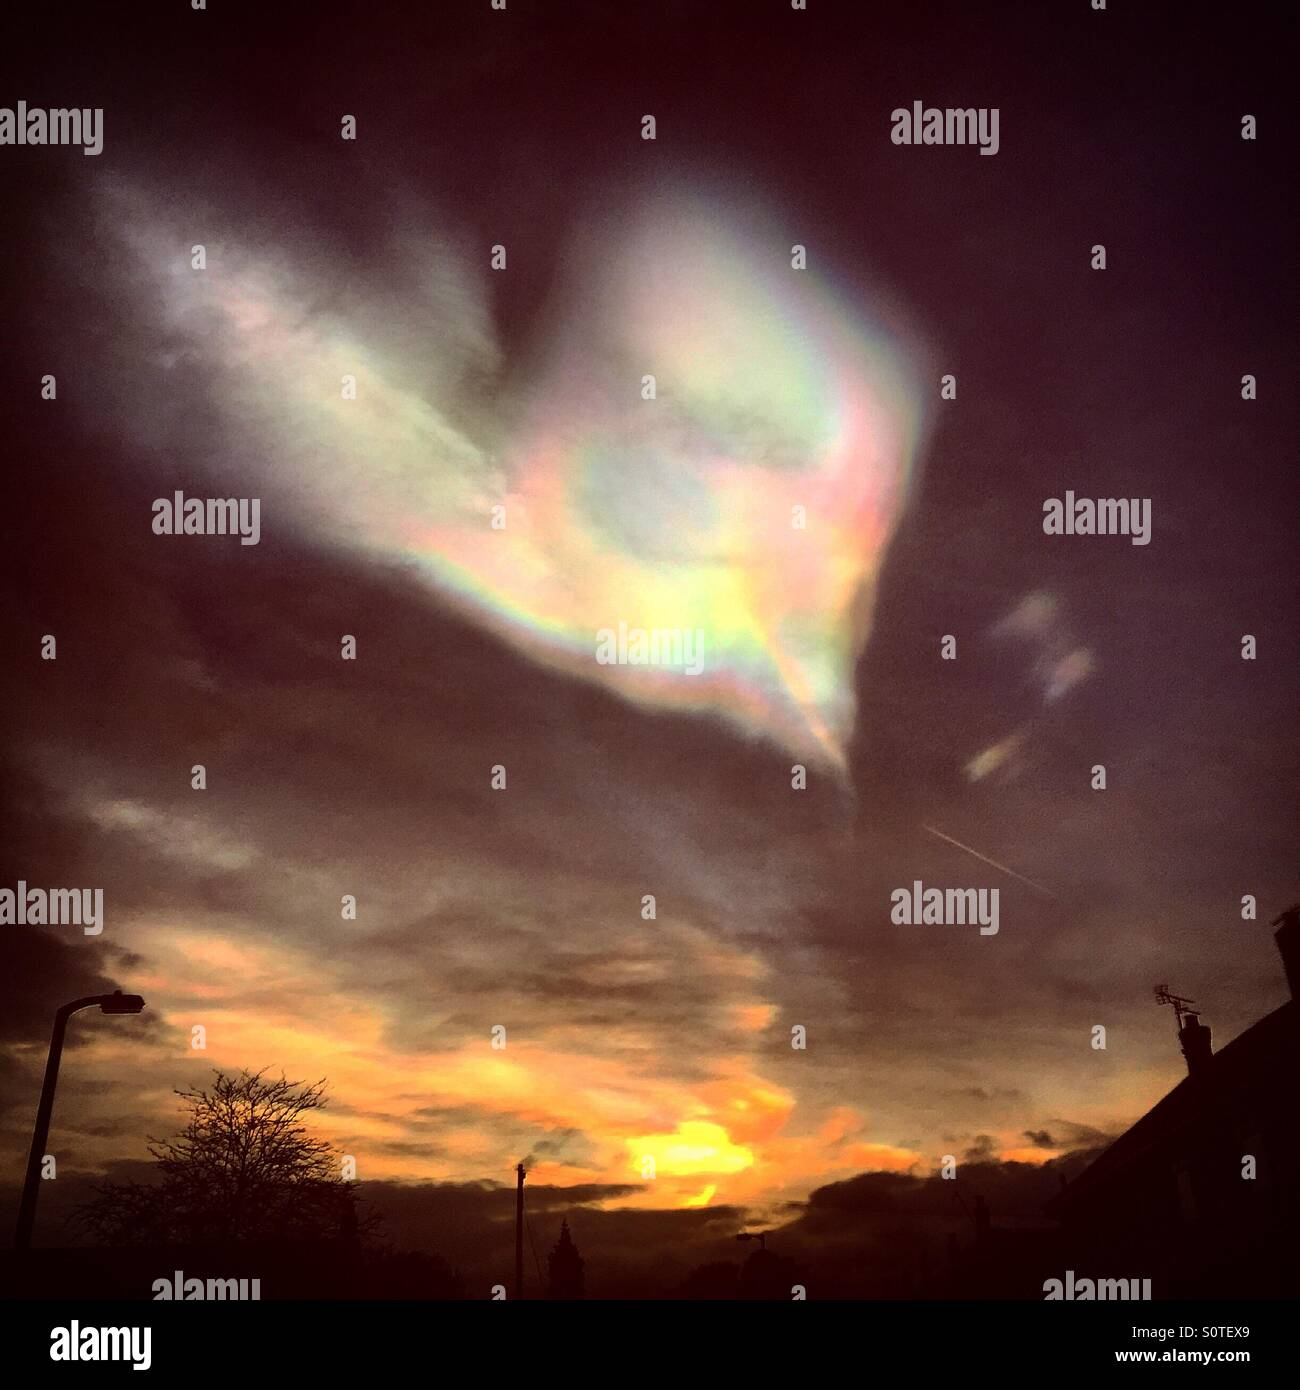 Liebe war in den Himmel Stockbild